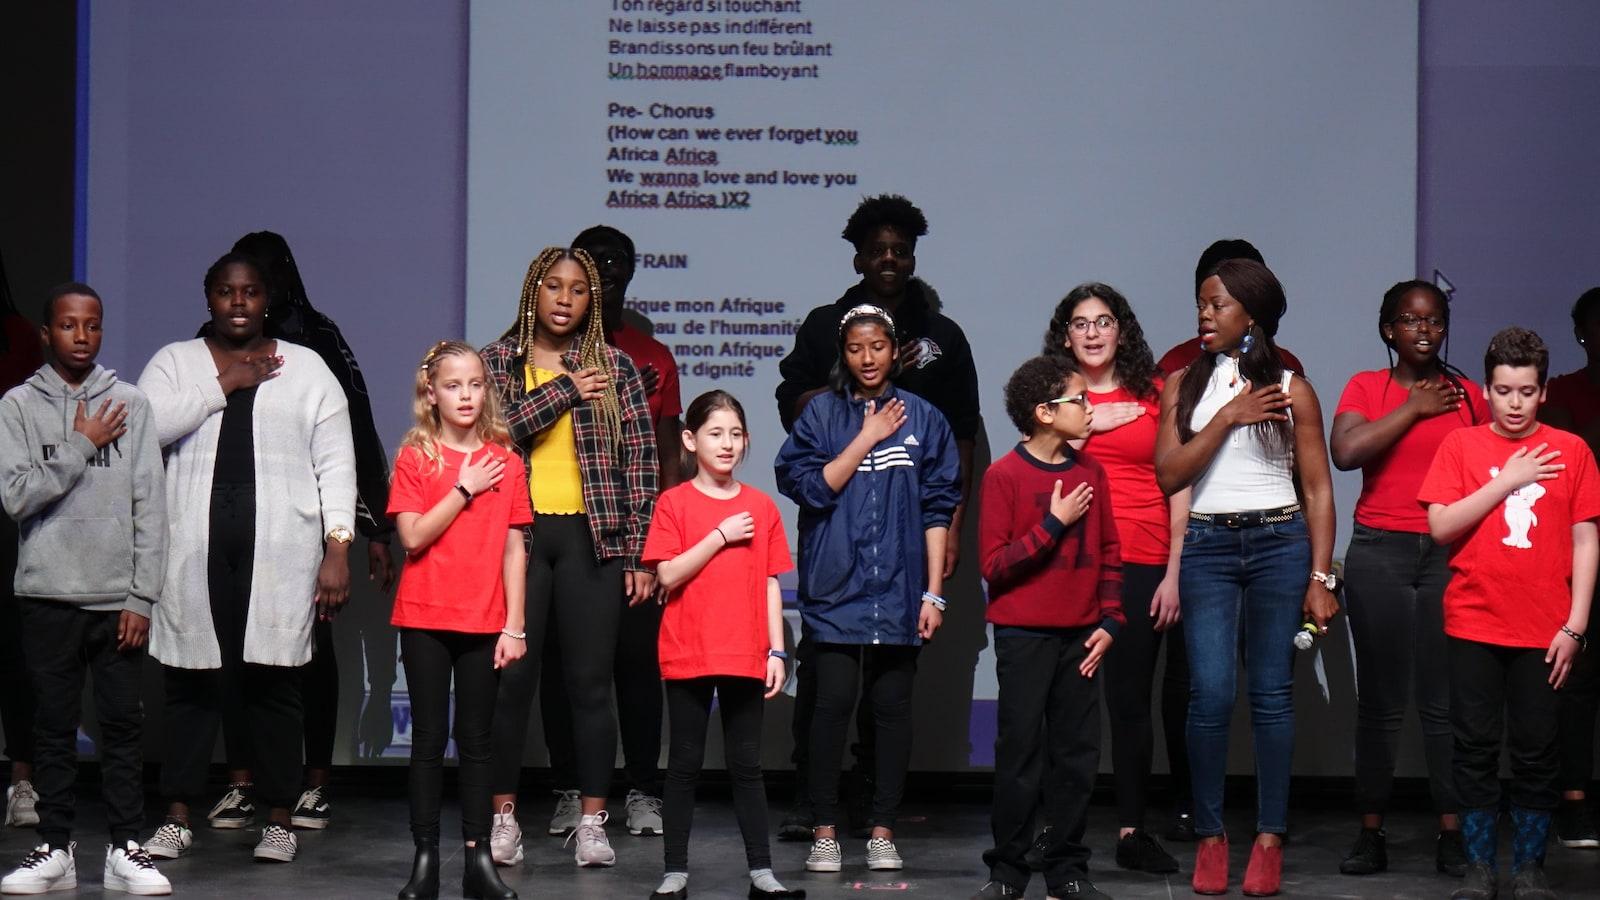 Une groupe de jeunes d'origines ethniques différentes chantent sur une scène.